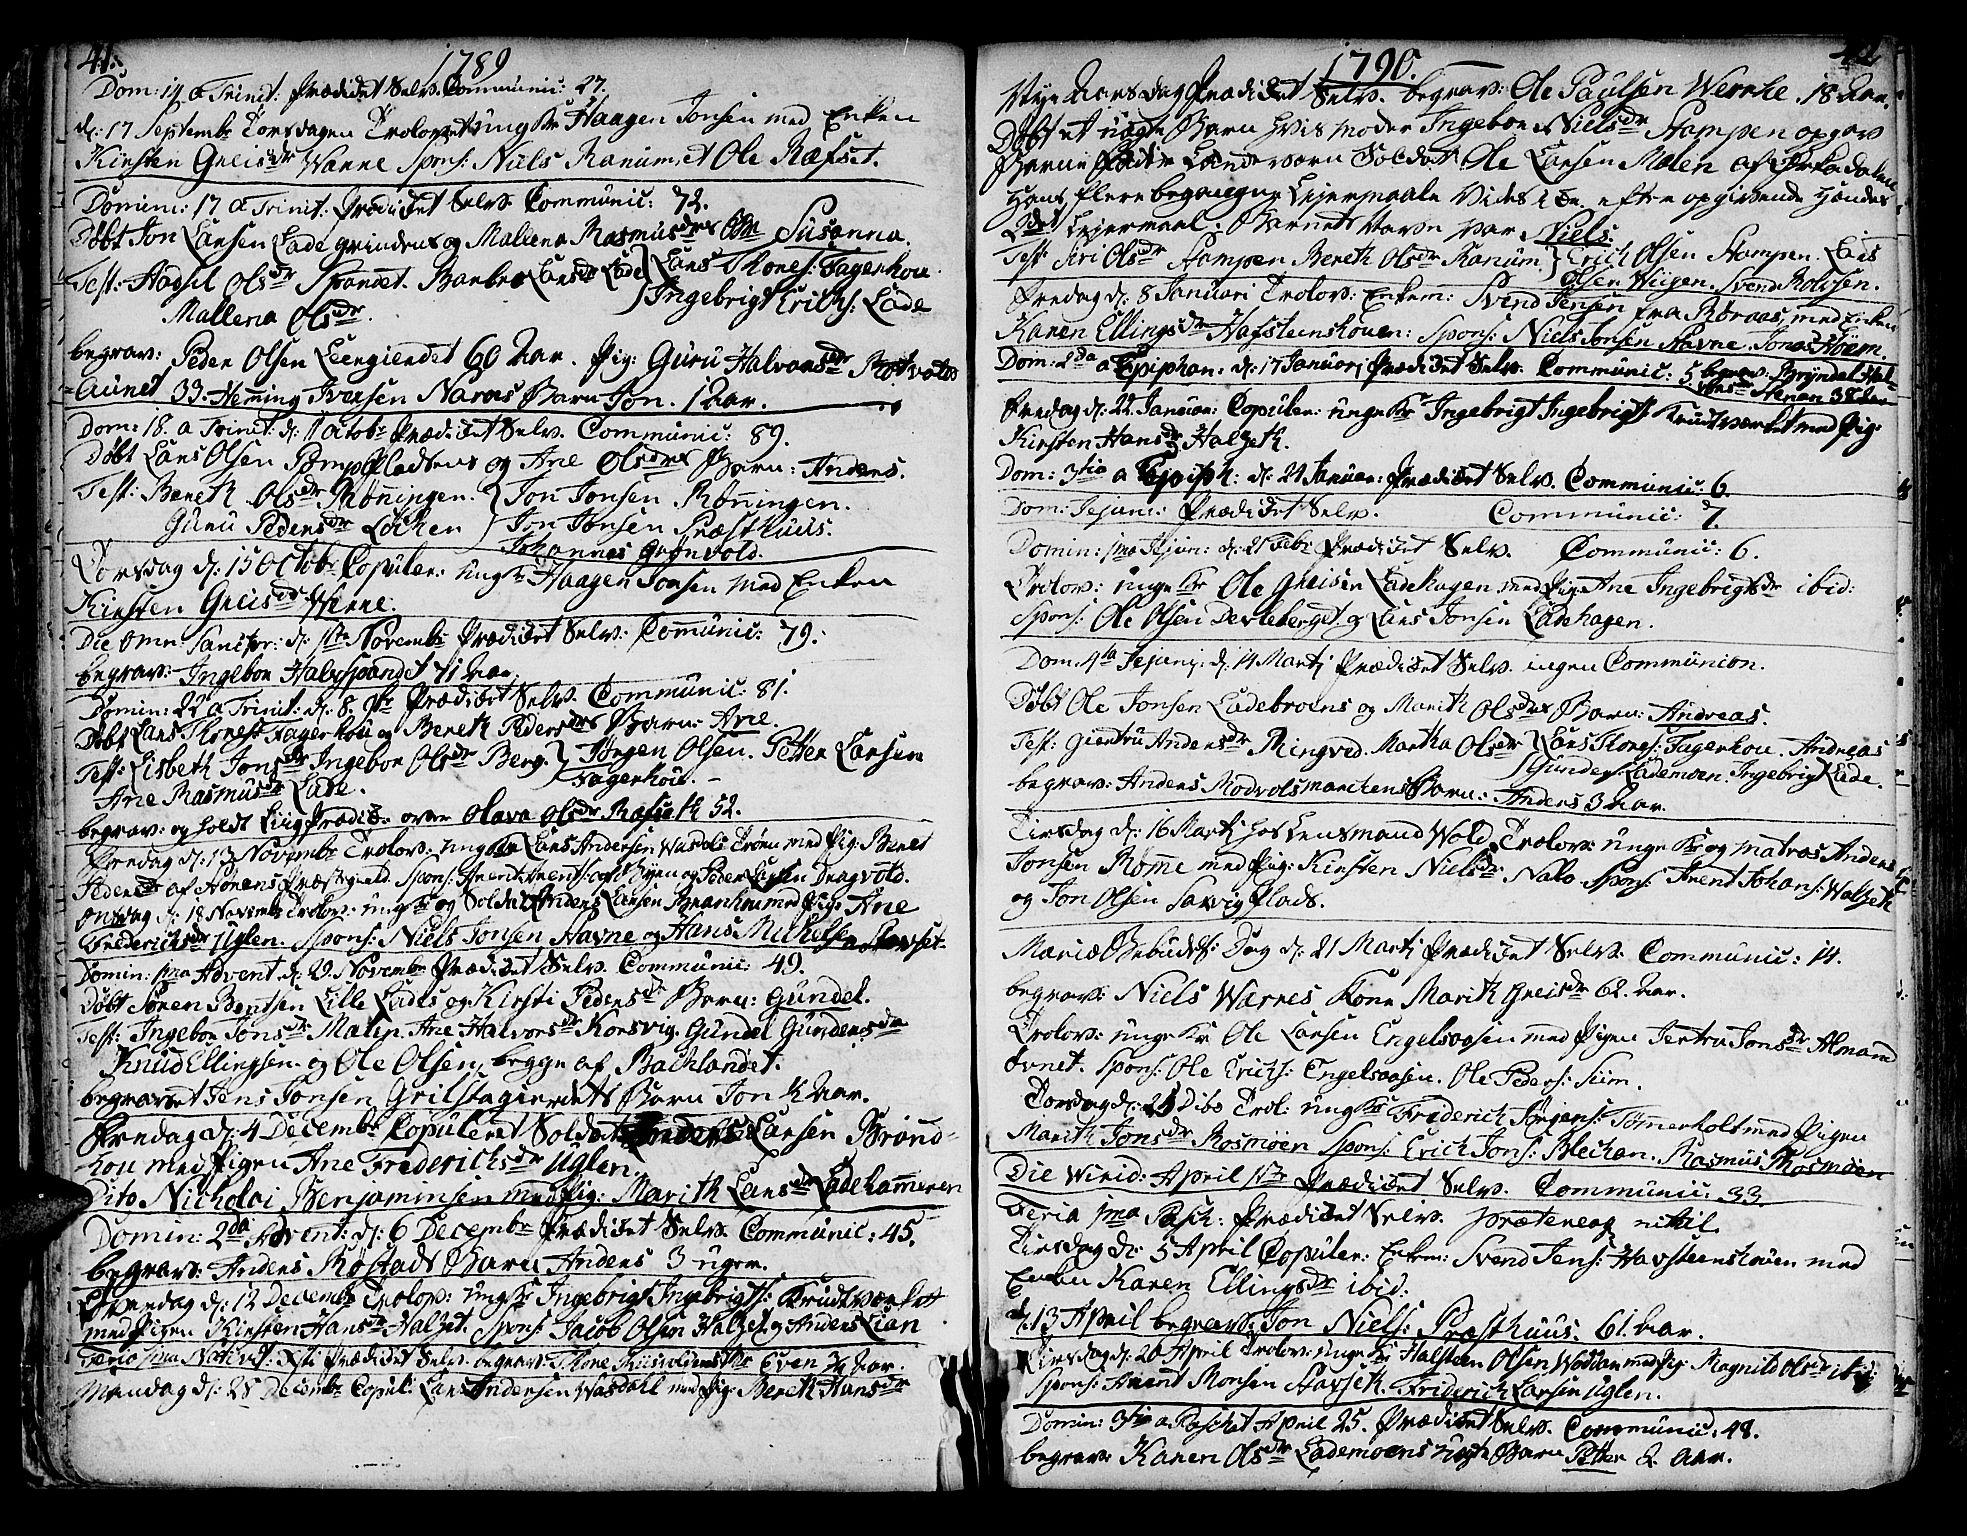 SAT, Ministerialprotokoller, klokkerbøker og fødselsregistre - Sør-Trøndelag, 606/L0280: Ministerialbok nr. 606A02 /1, 1781-1817, s. 41-42